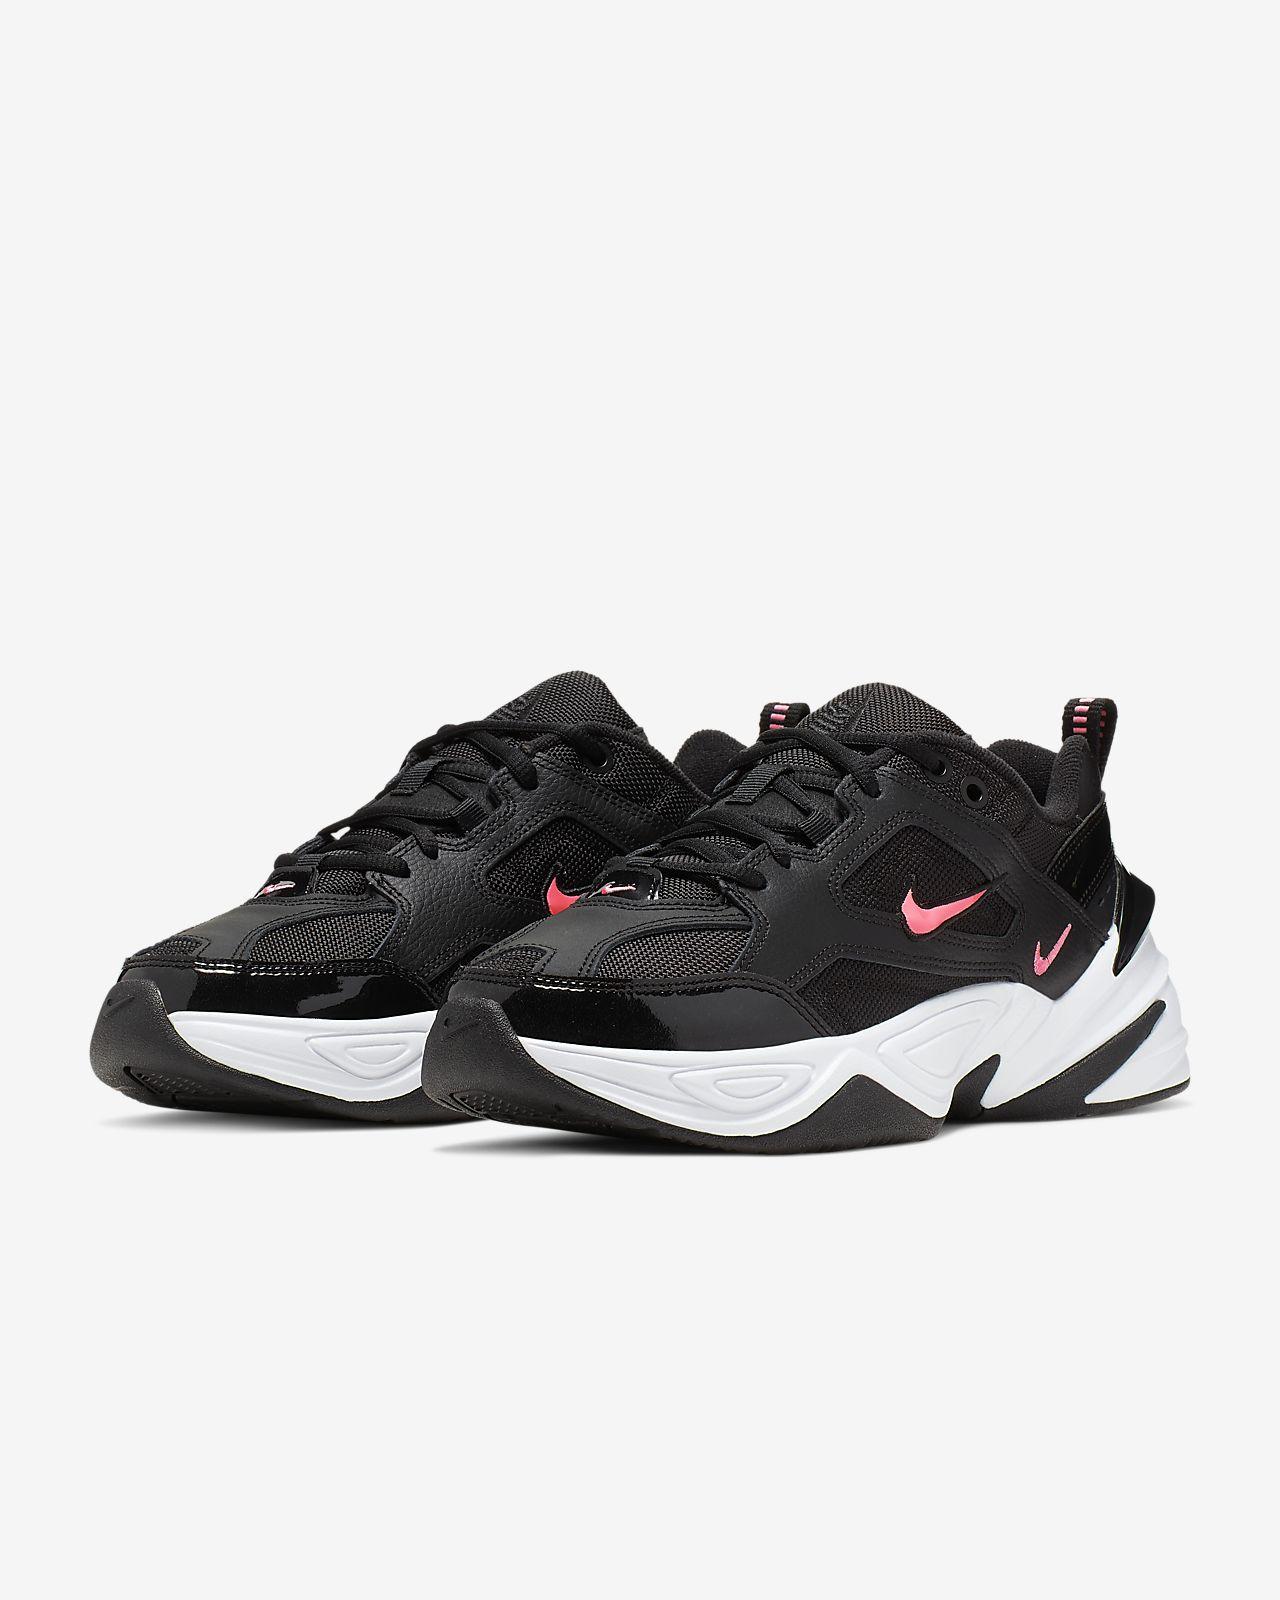 M2k Tekno Chaussure Nike Femme Pour UzjqGLpSMV